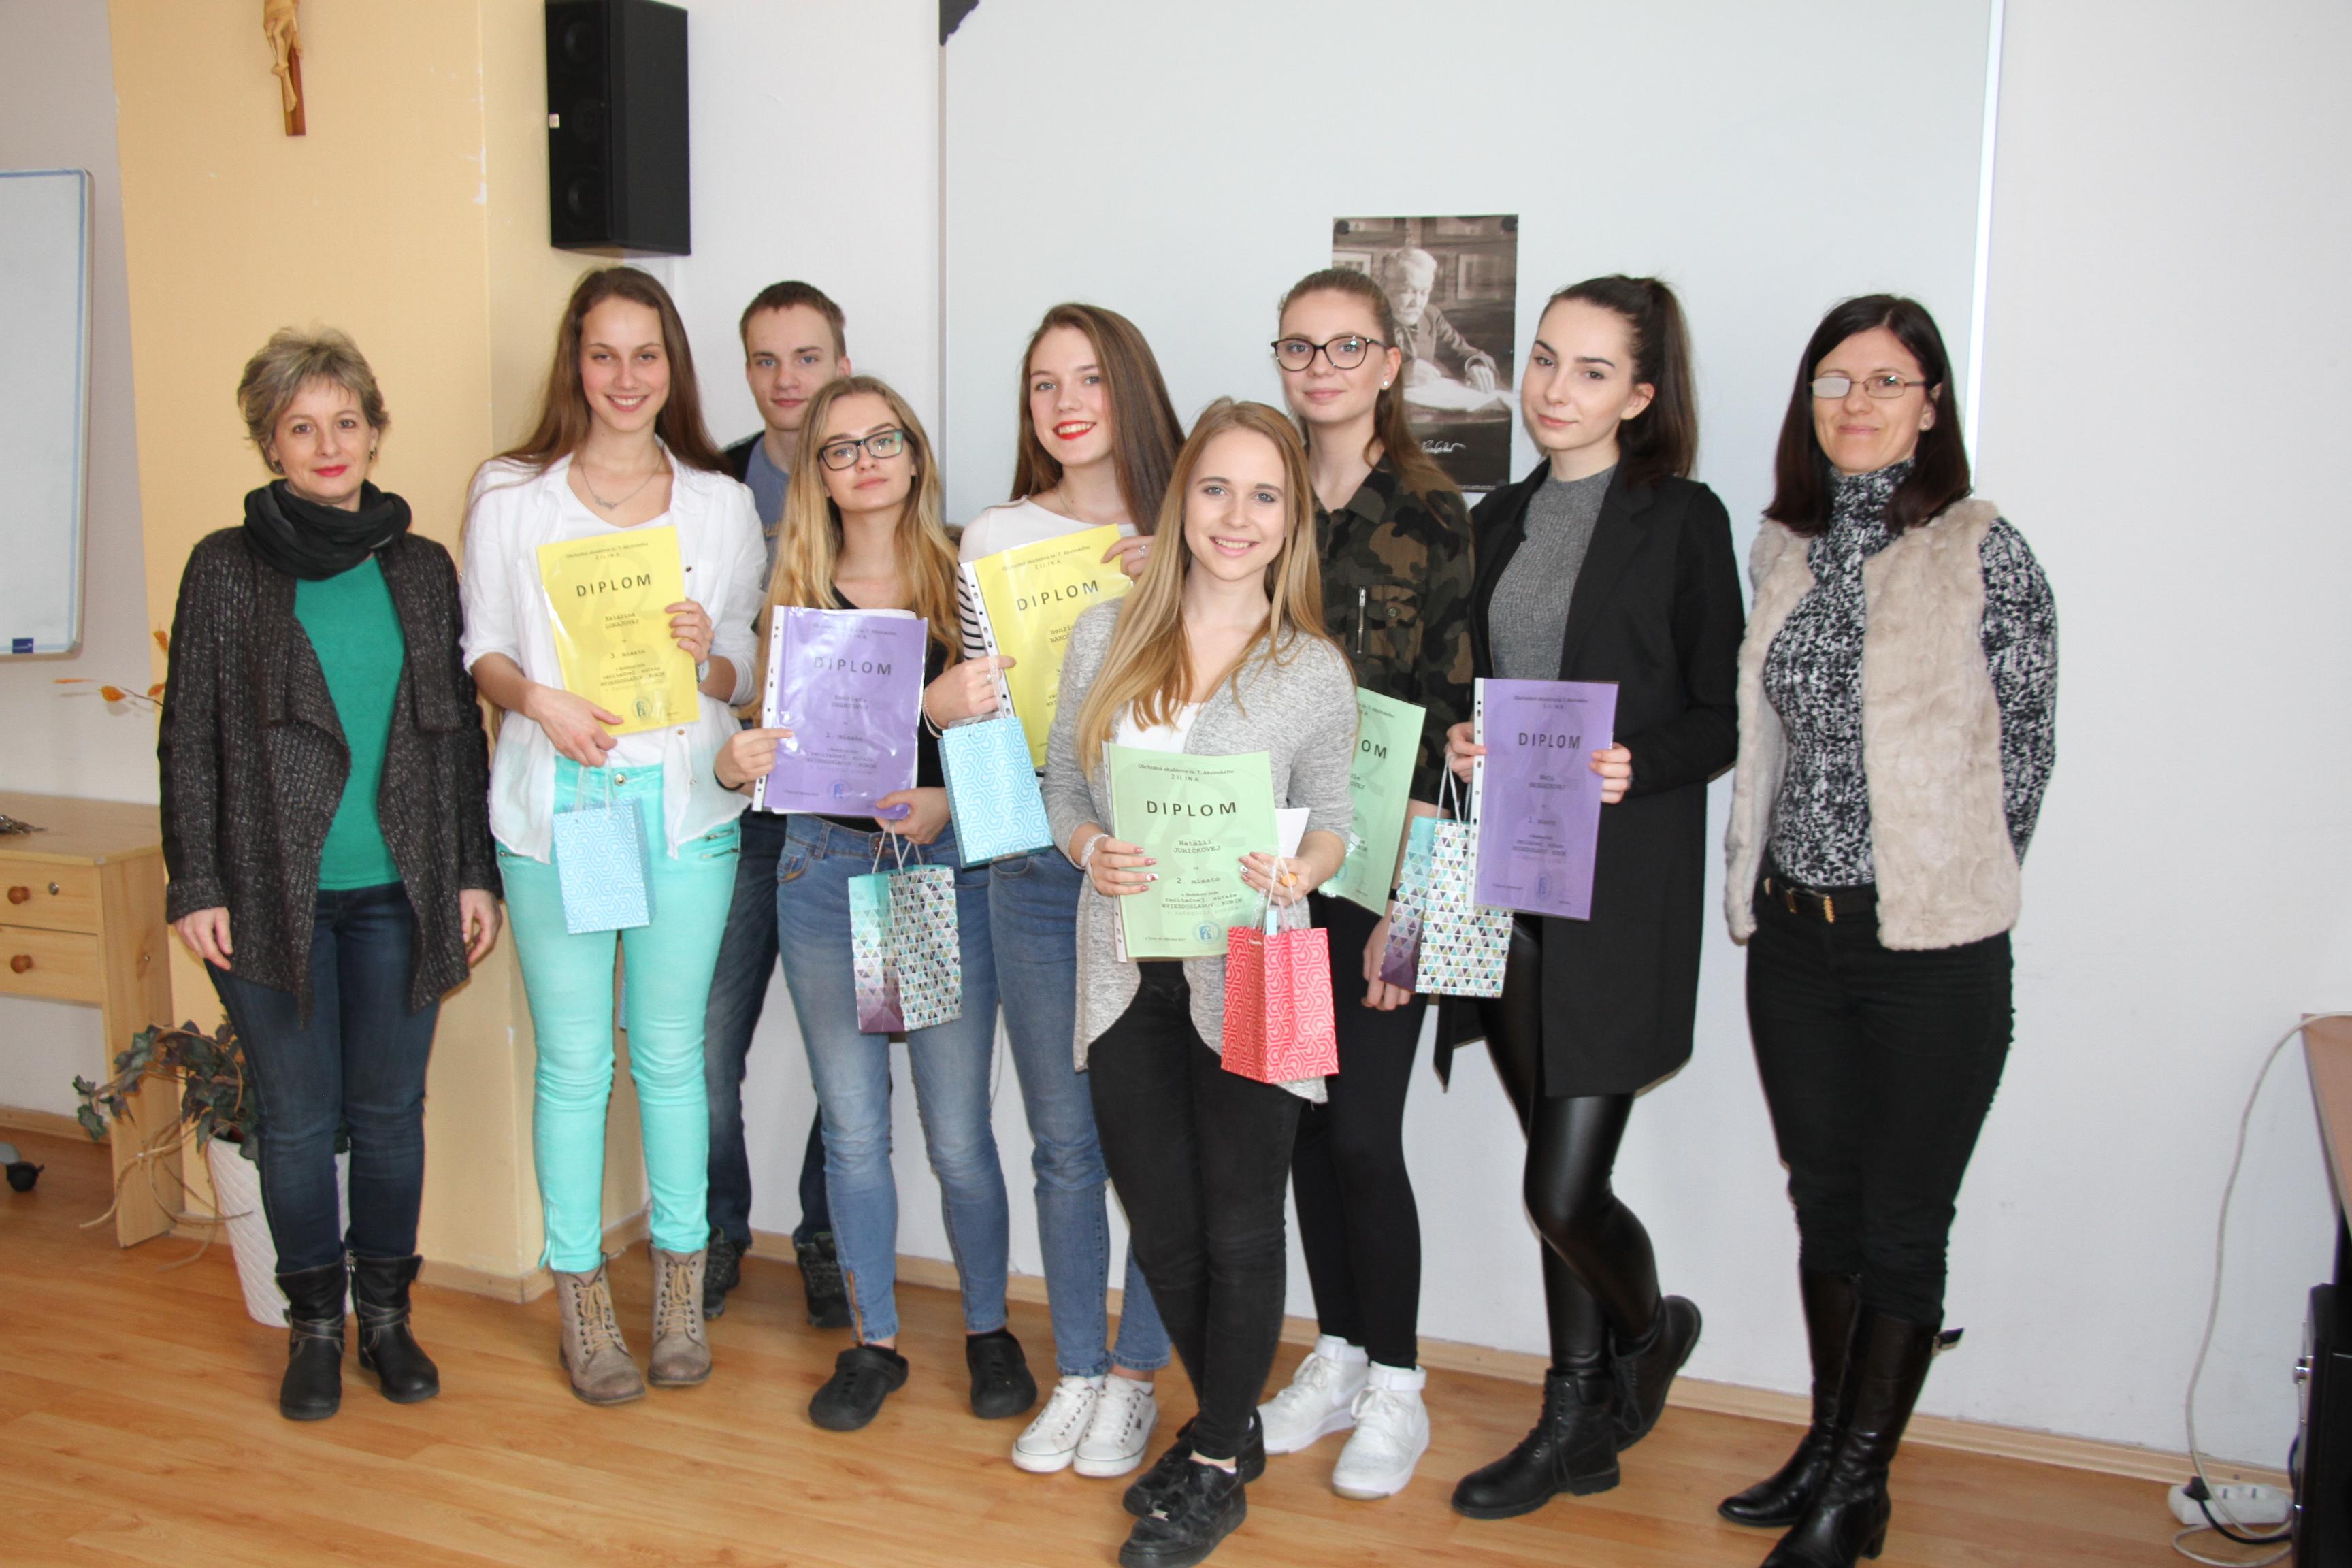 8e4f51443 Hviezdoslavov Kubín - školské kolo 2017 - Obchodná akadémia sv ...